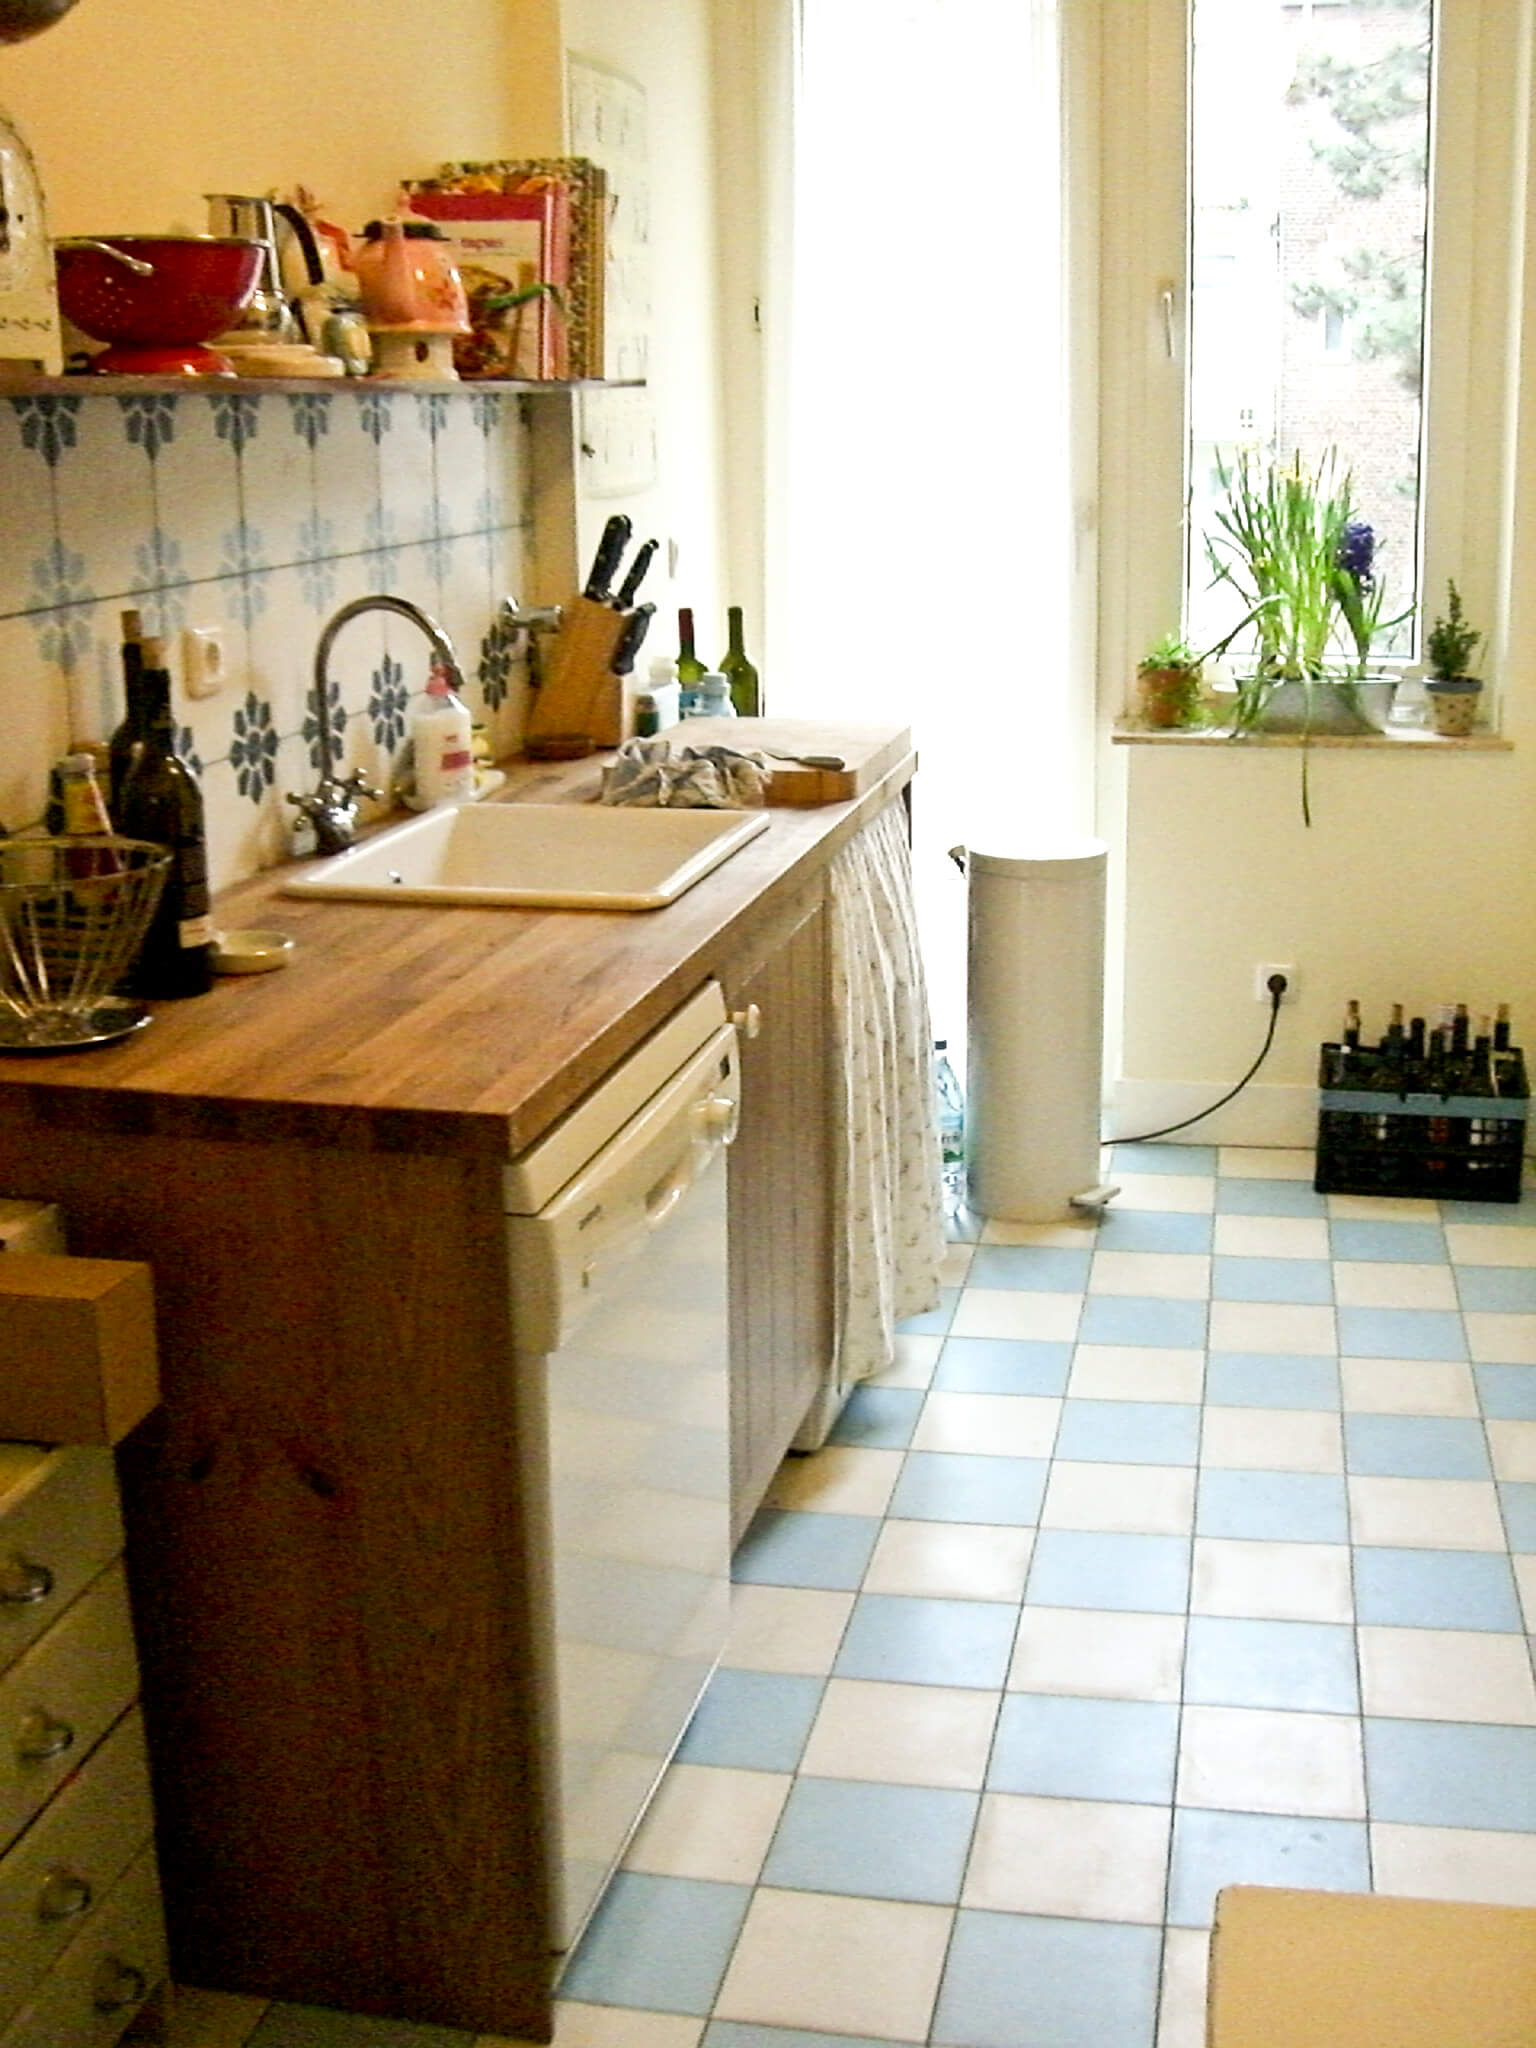 Full Size of Fototapete Küche Fliesenspiegel Küche Fliesenspiegel Neu Gestalten Küche Fliesenspiegel Modern Küche Fliesenspiegel Abdecken Küche Küche Fliesenspiegel